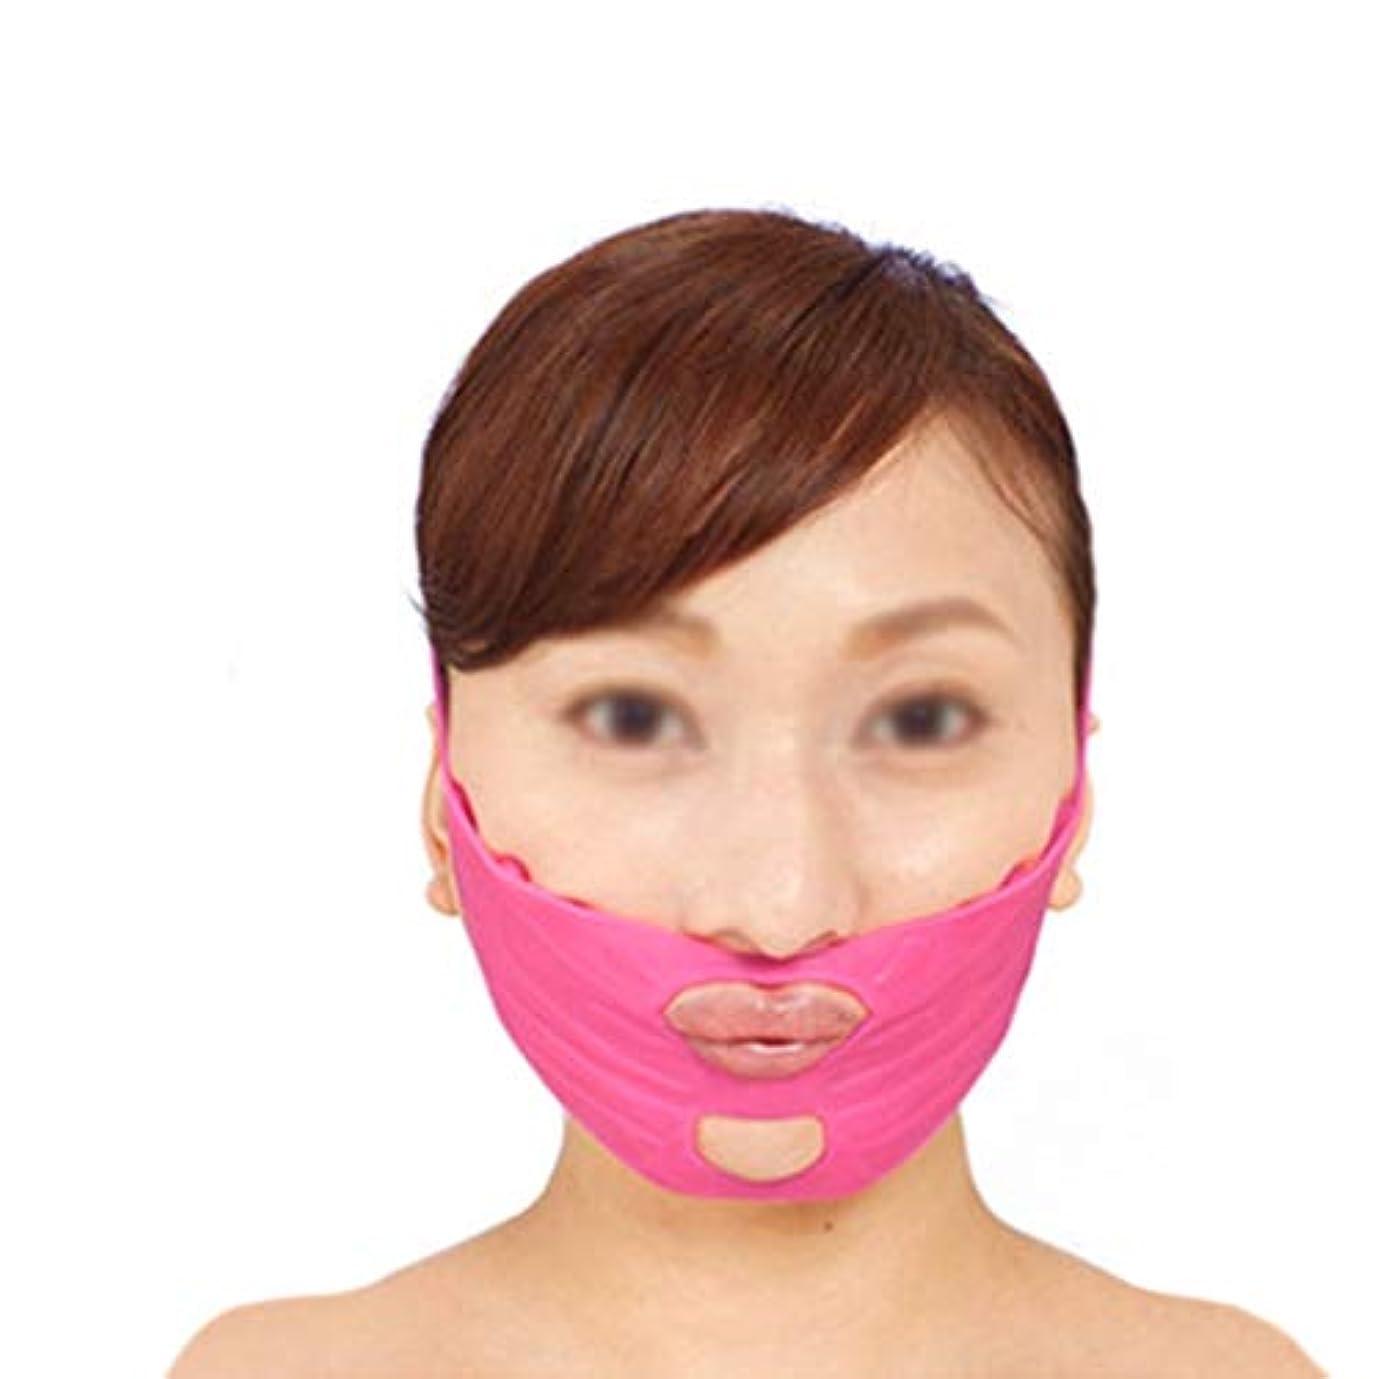 ペレグリネーション破壊する正確さフェイスストラップ付きマスク、プルアップフェイスマスク、フェイスリフティングマスク、フェイス締め付け包帯、フェイスリフティング包帯、フェイスバンドを持ち上げて二重あごを減らす(ピンク、ワンサイズ)